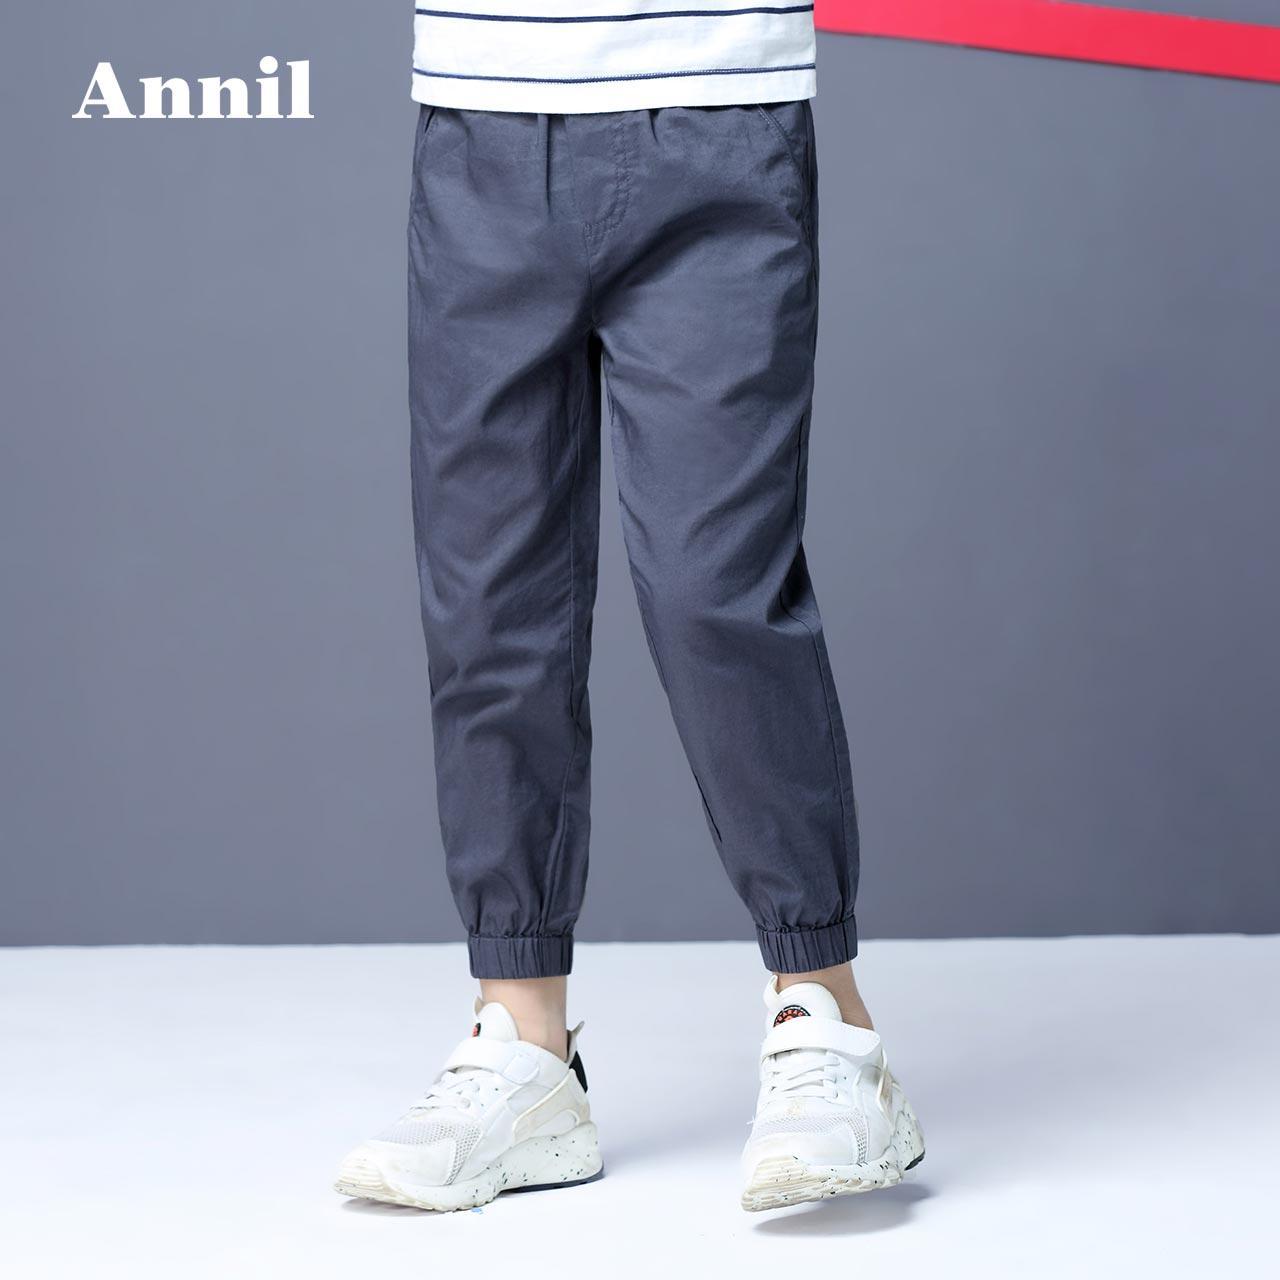 安奈儿长裤男